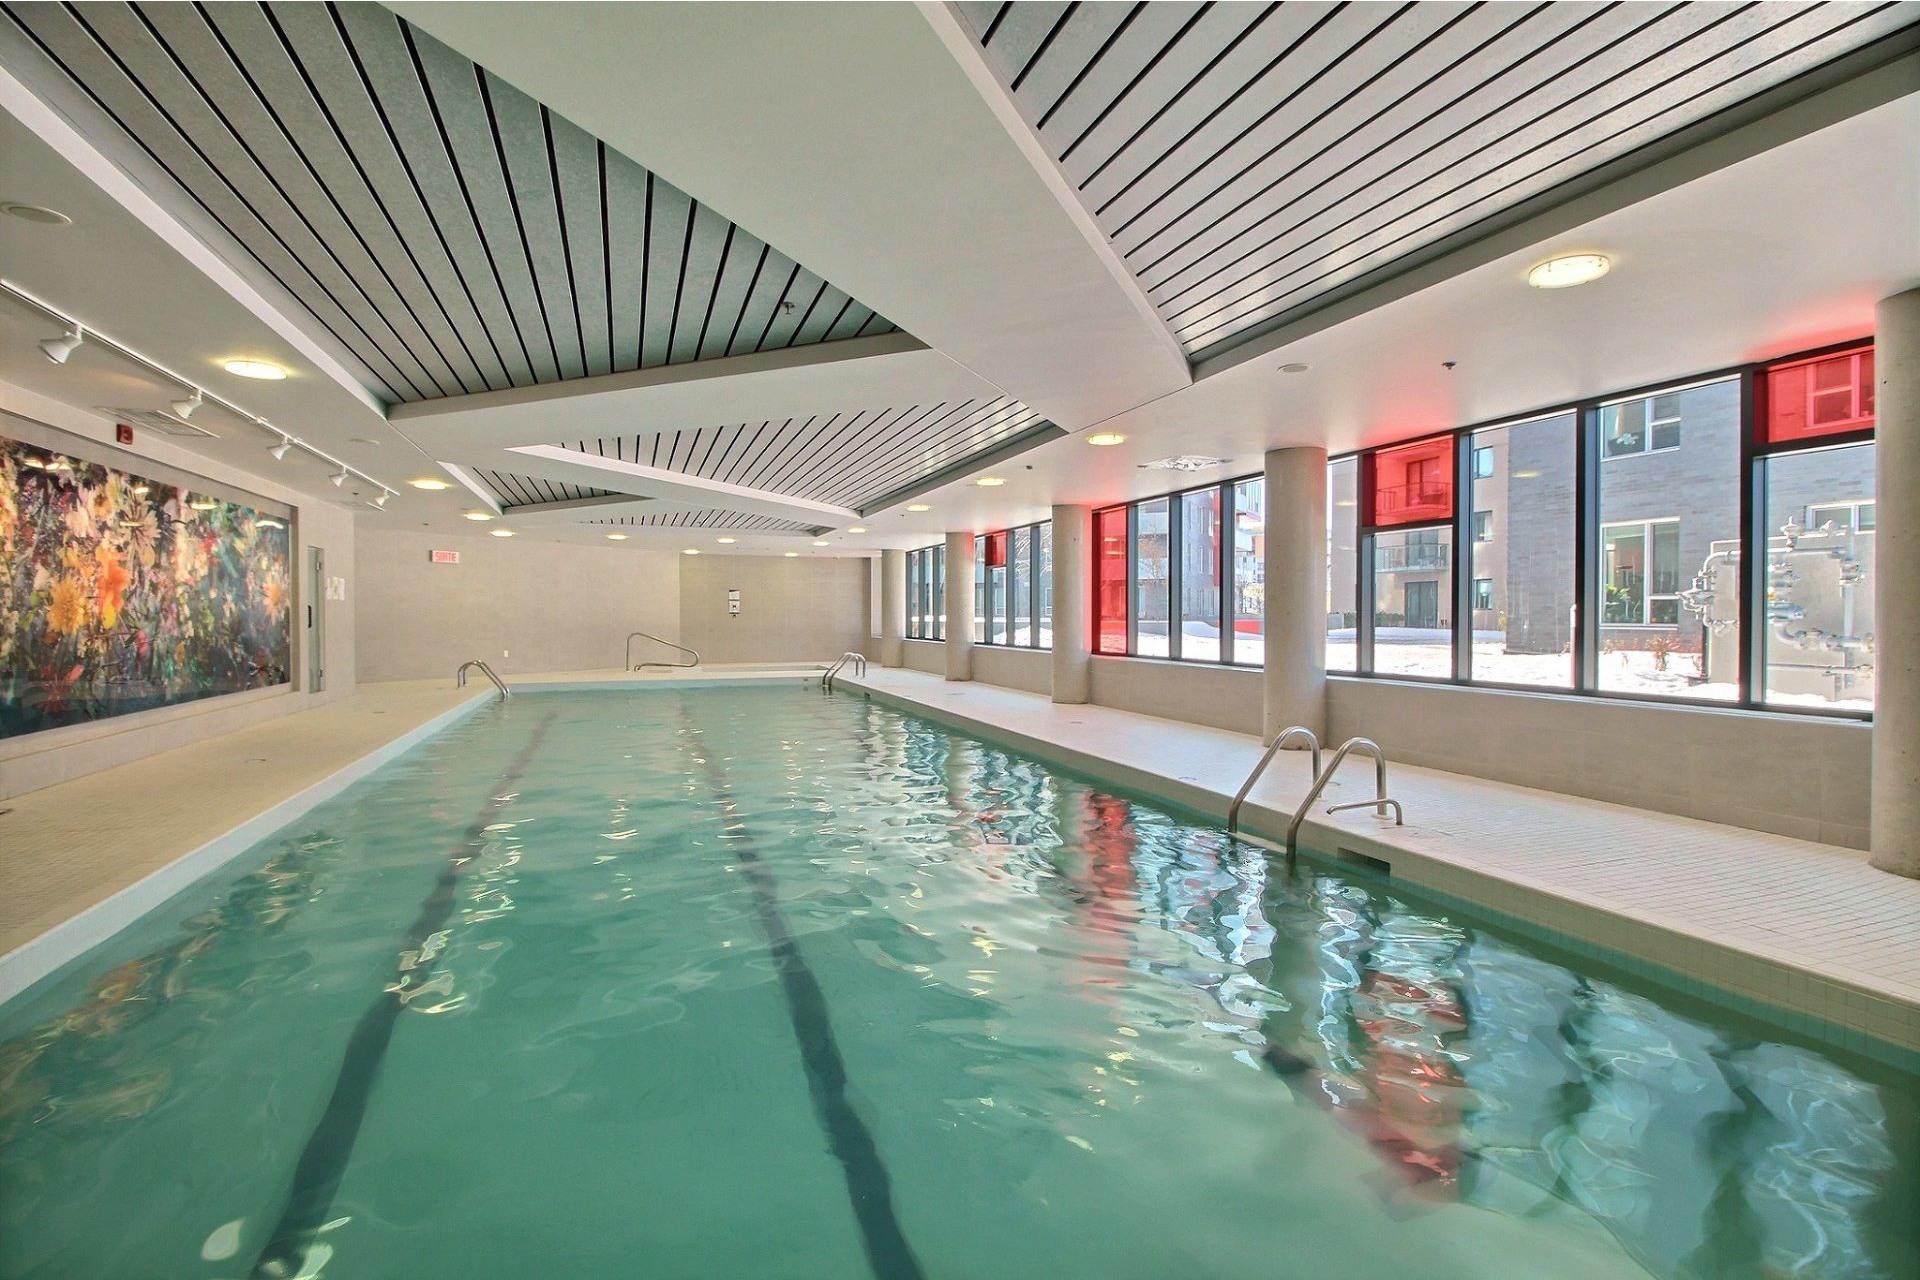 image 7 - Apartment For rent Côte-des-Neiges/Notre-Dame-de-Grâce Montréal  - 4 rooms